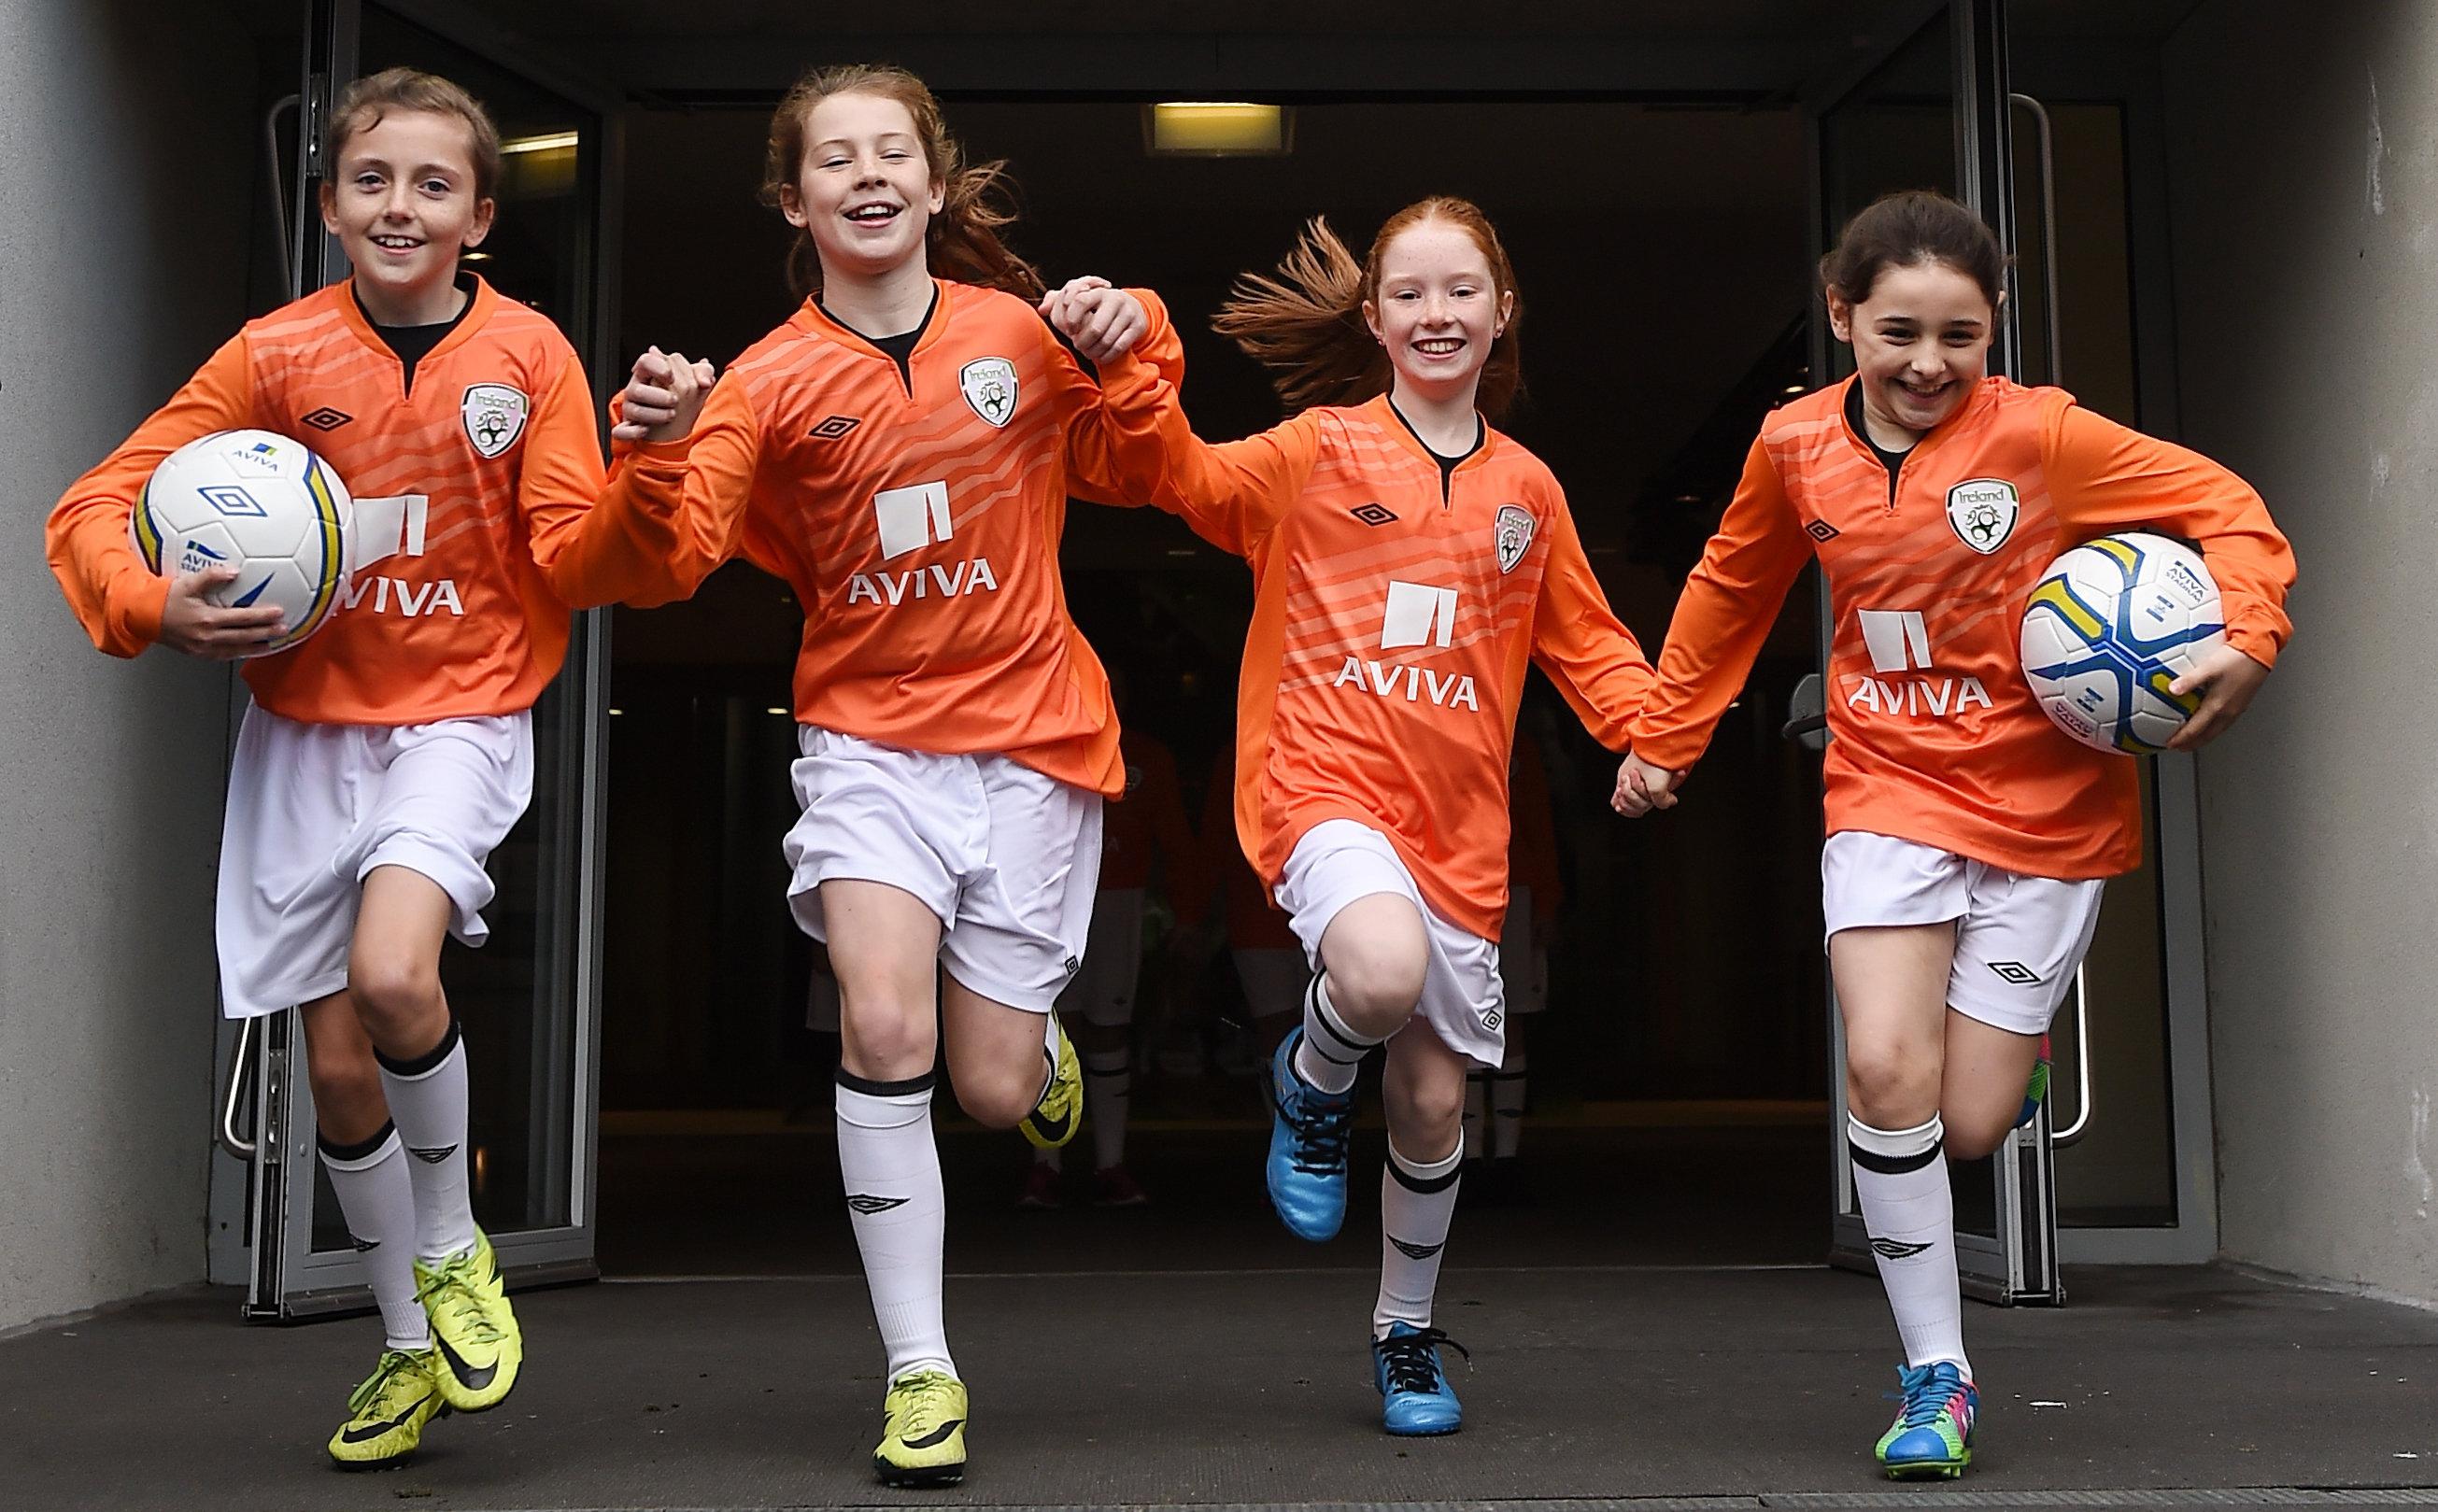 Soccer-SistersP.jpg